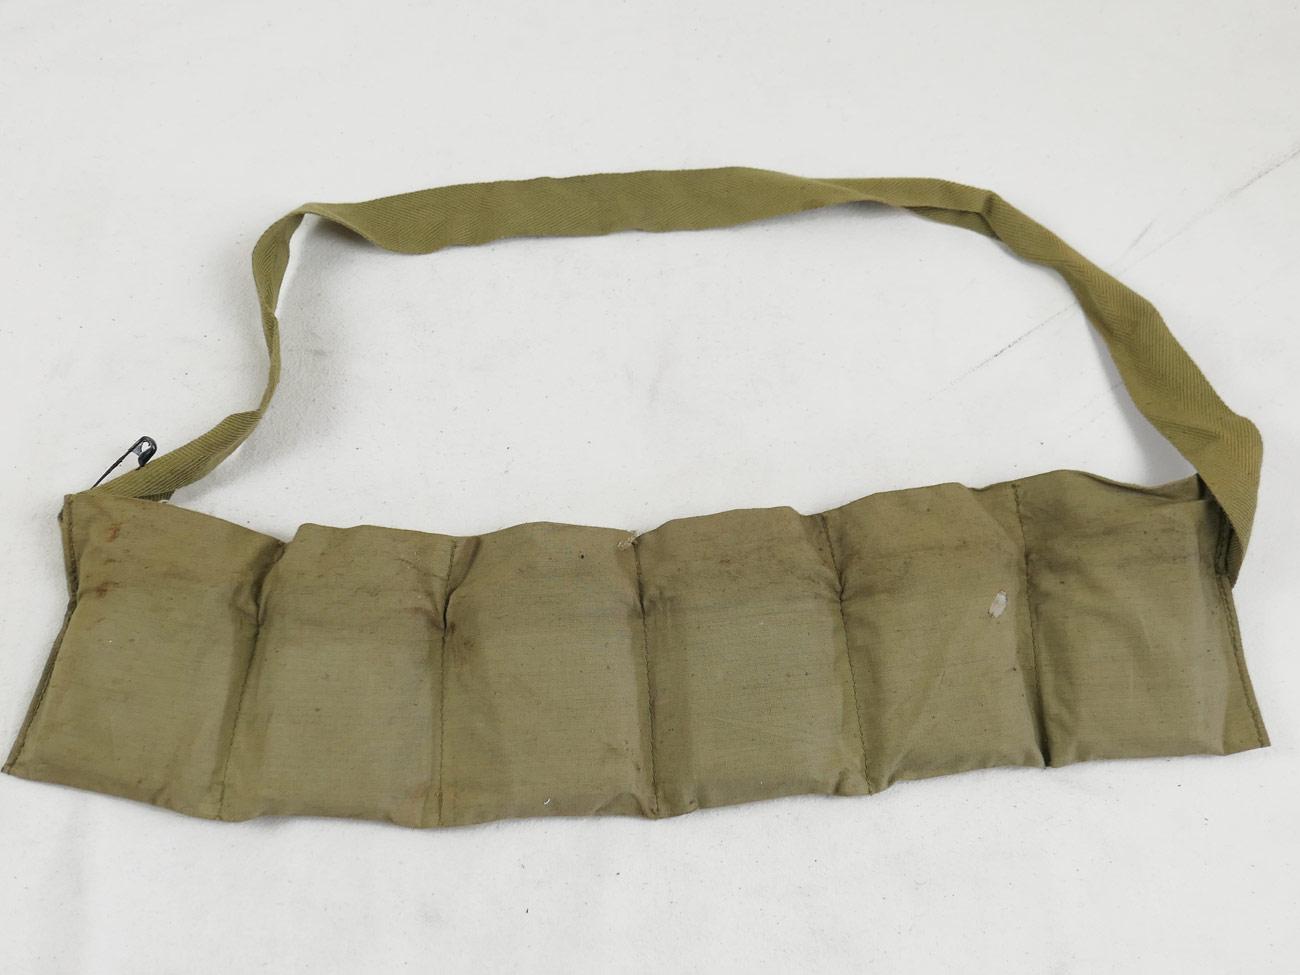 M1 Garand Teile datieren